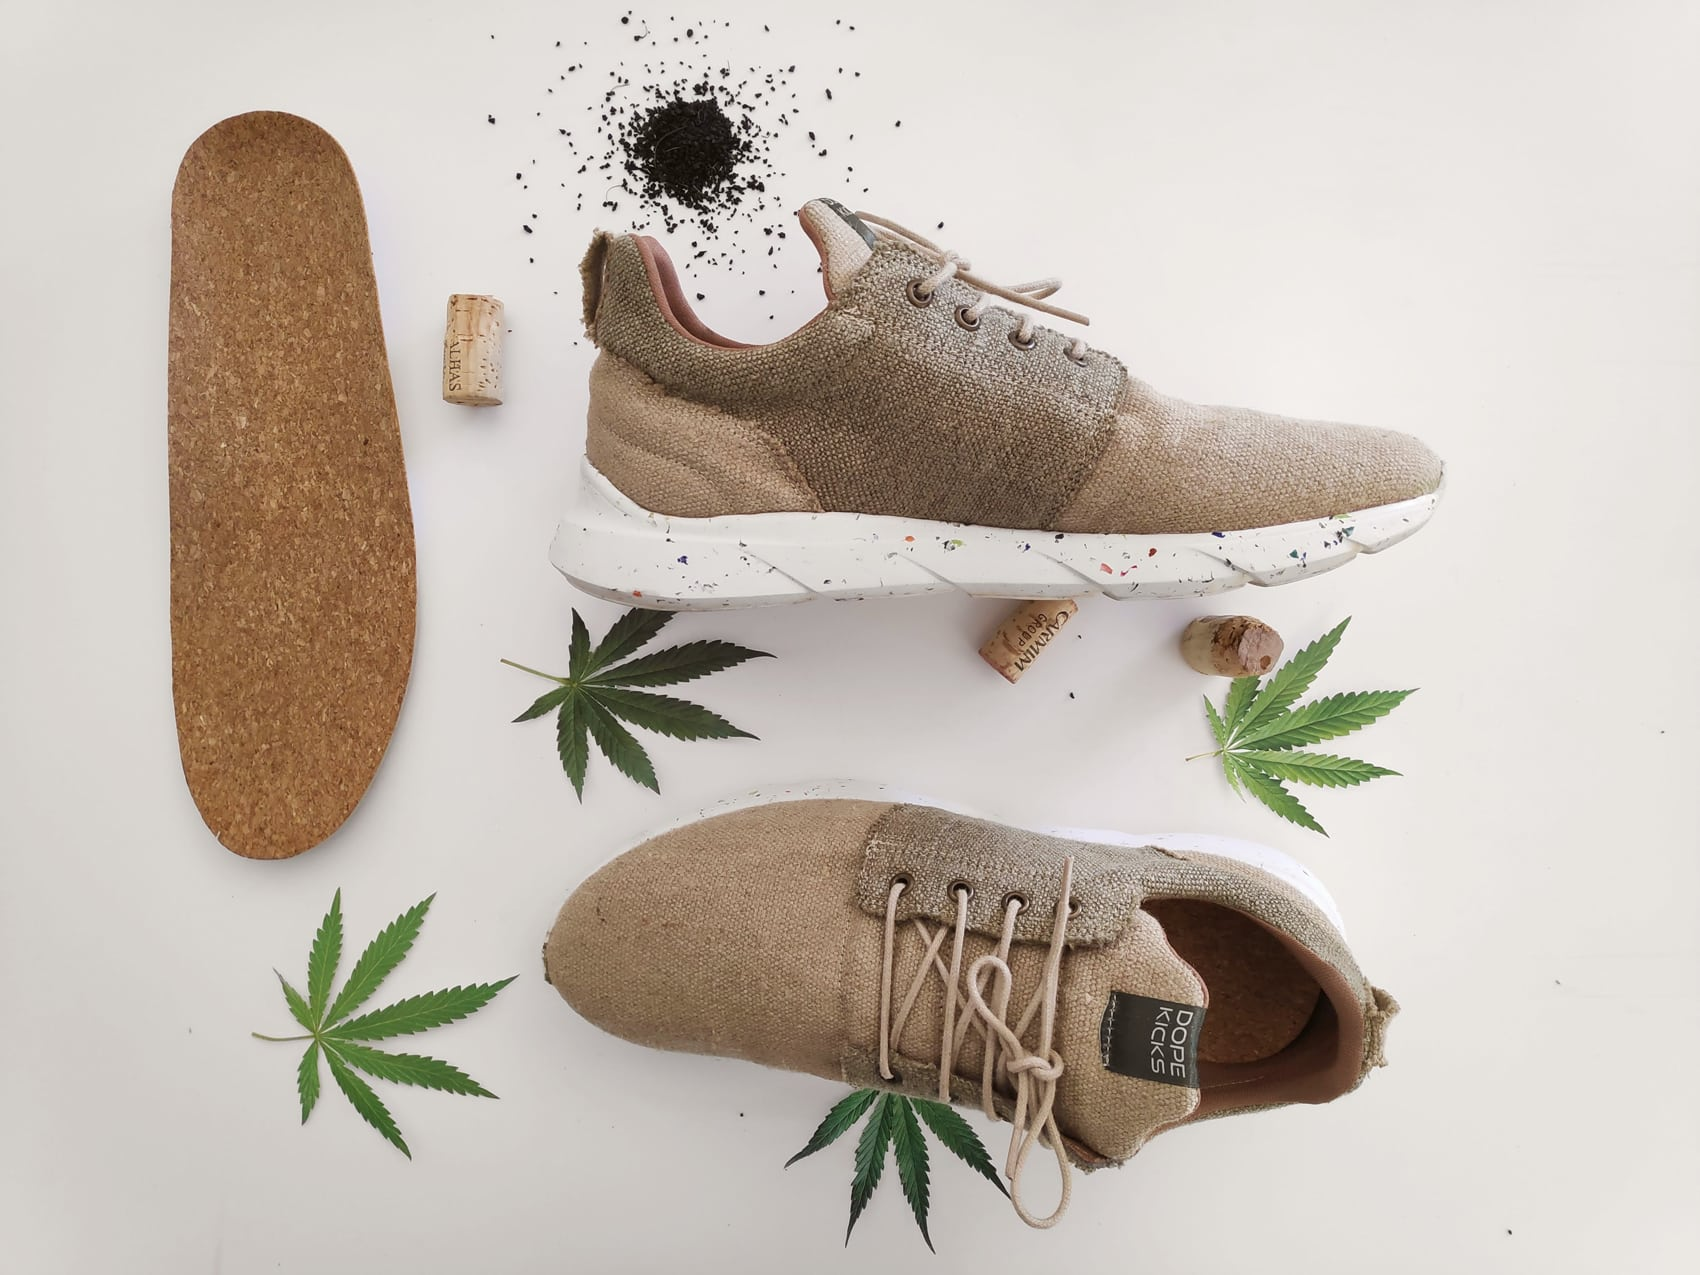 Schuhe aus Hanf